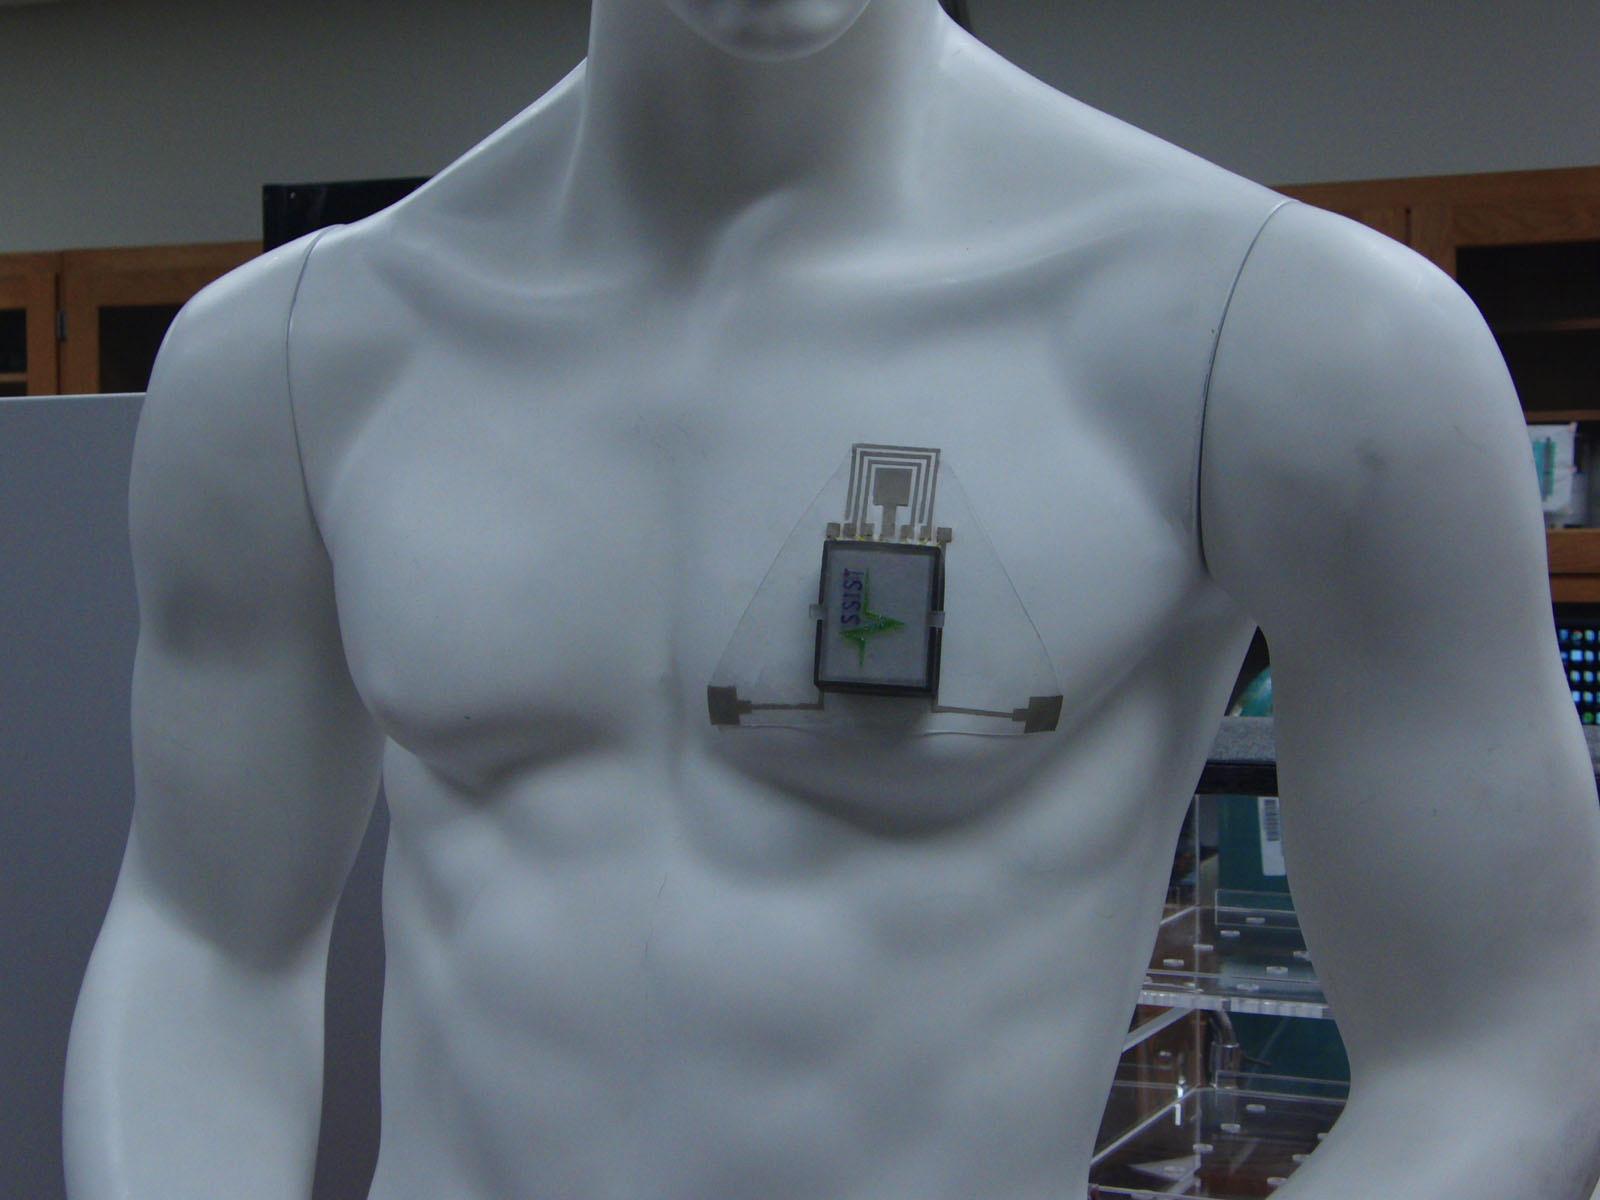 Прототип устройства для крепления нагрудную клетку. Автор фото— Джеймс Диффендерфер.